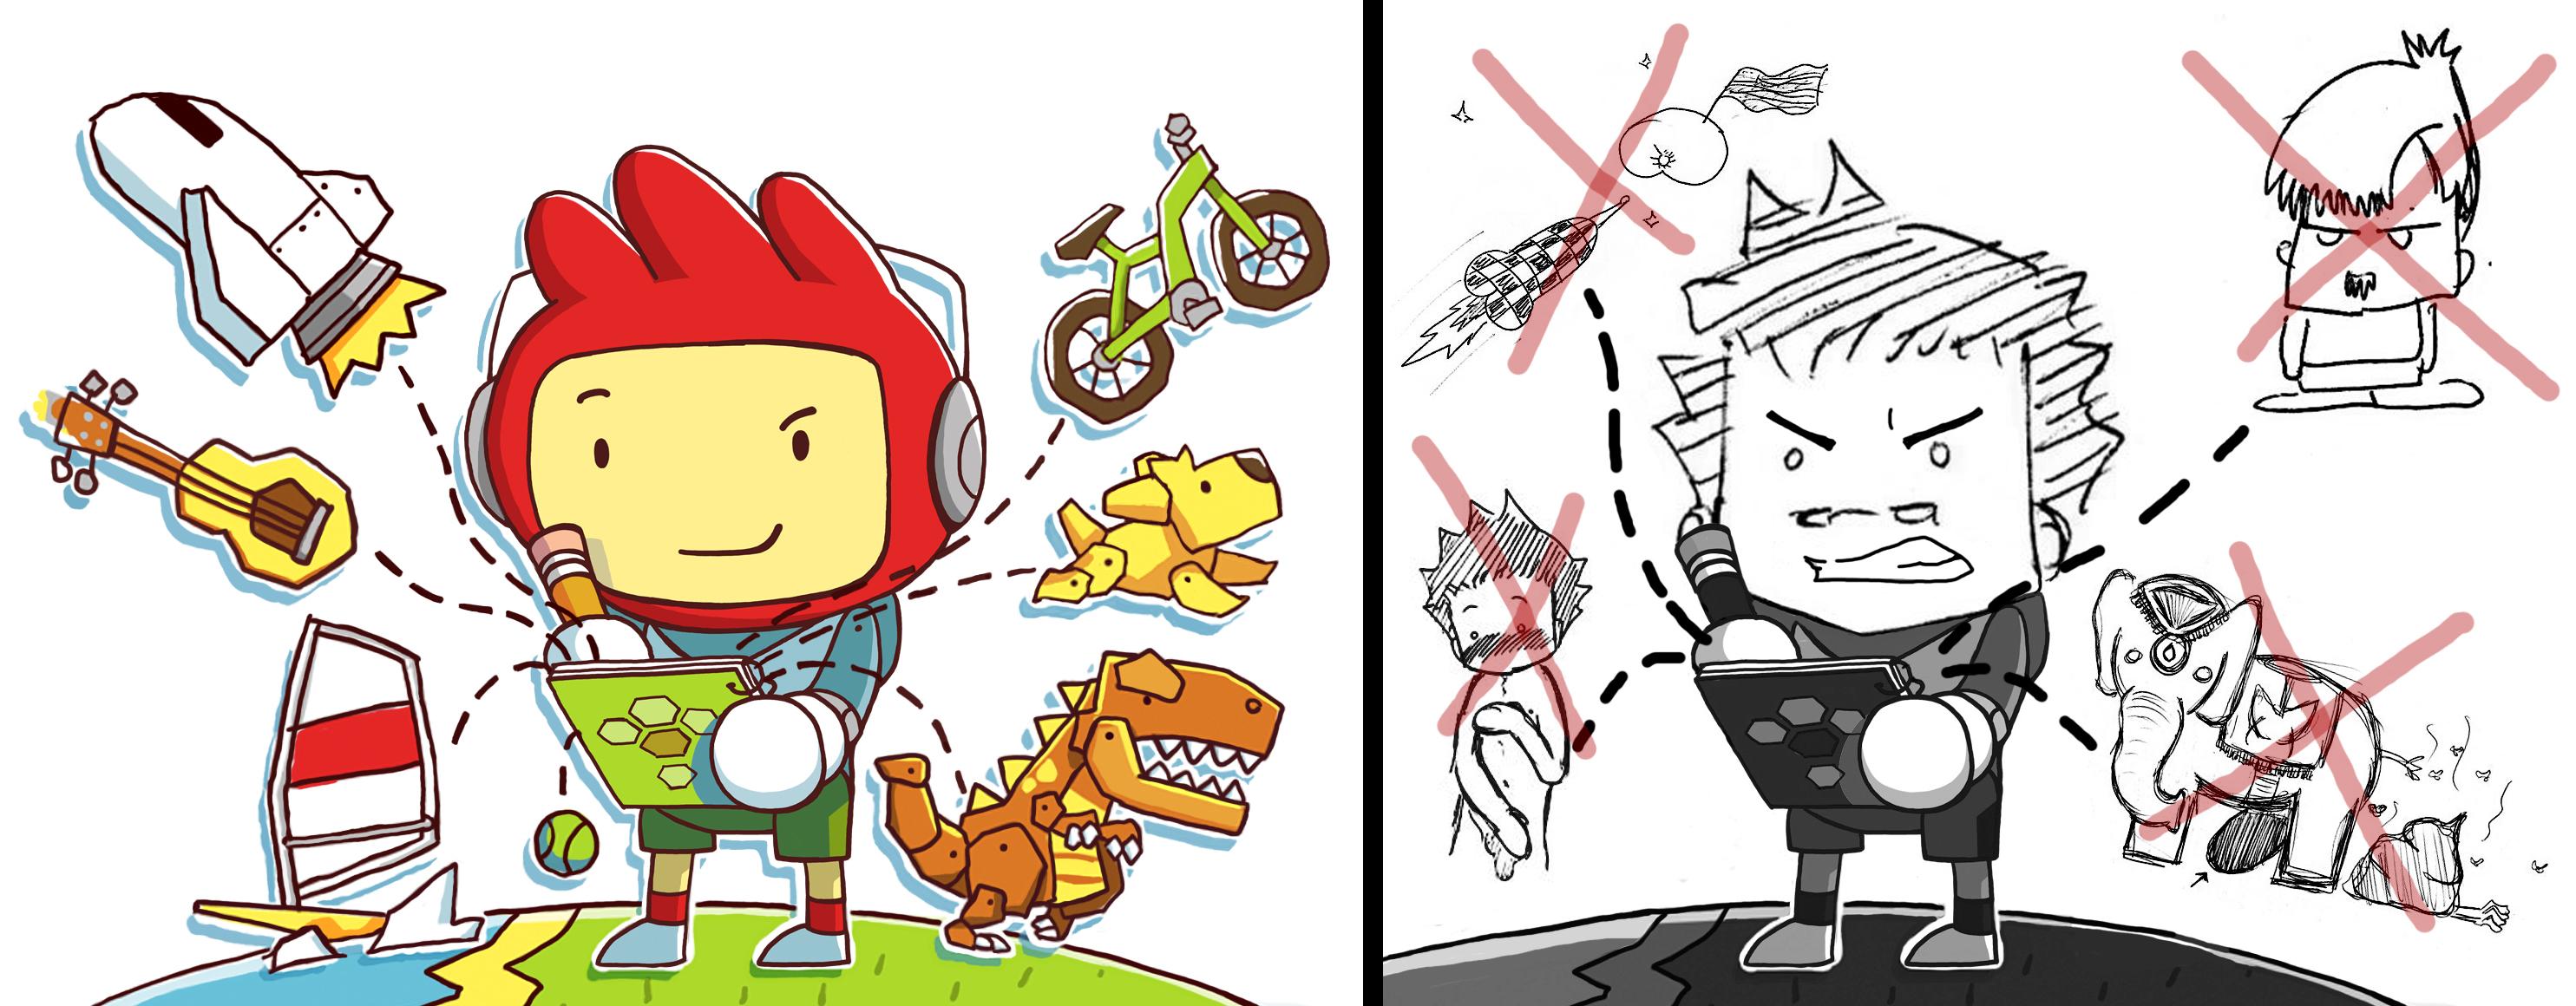 Interdit la vulgarité, l'obscénité et les personnages célèbres? Scribblenauts Unlimited n'est pas un jeu pour K.W.